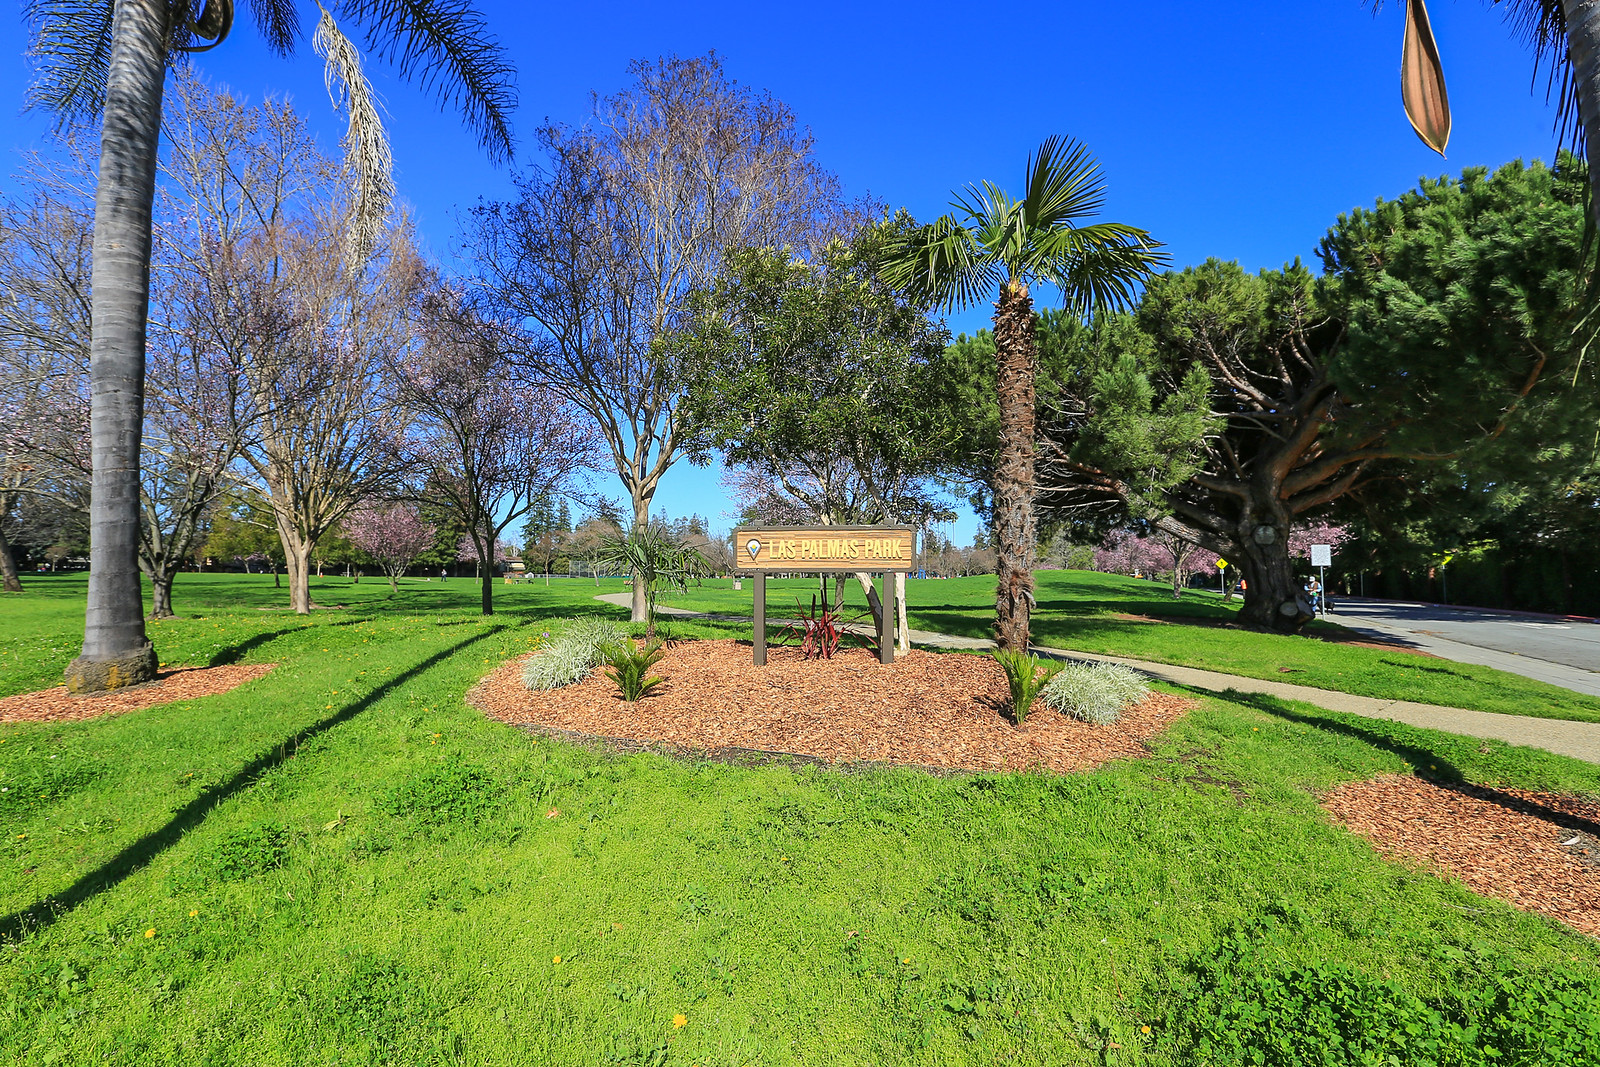 Las Palmas Park.jpg